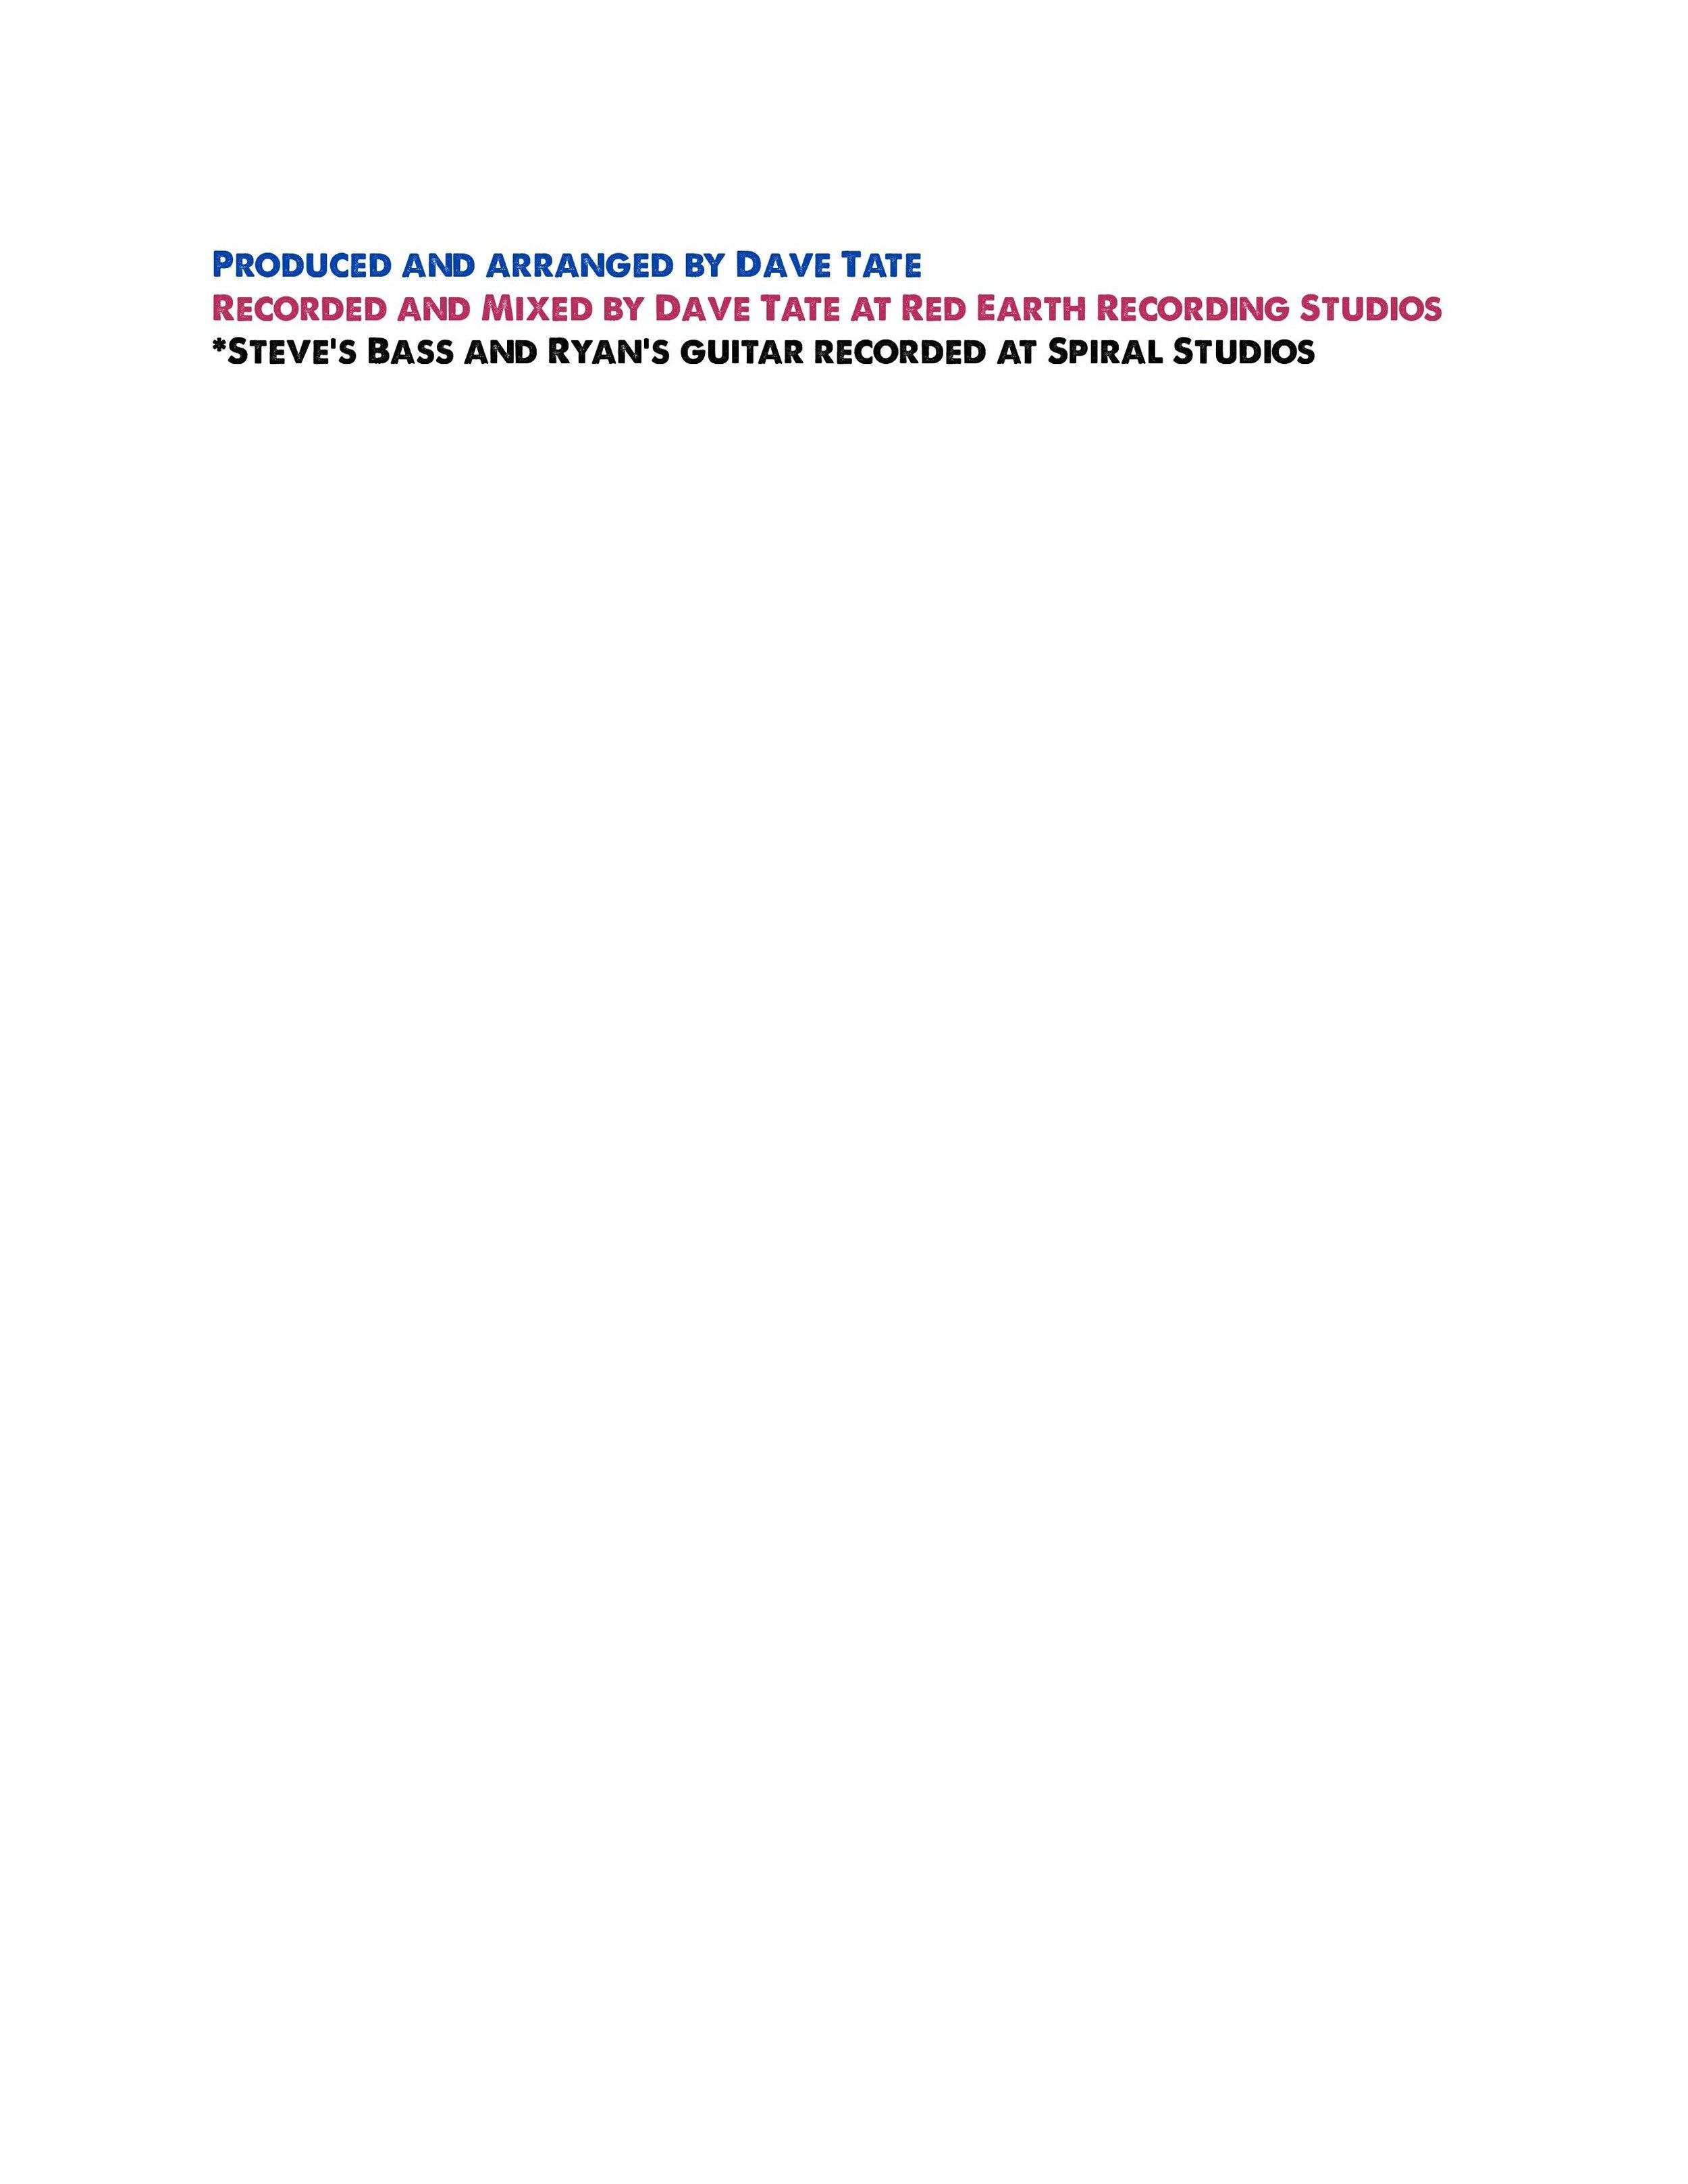 6 Love Goes On Lyrics-page-002.jpg